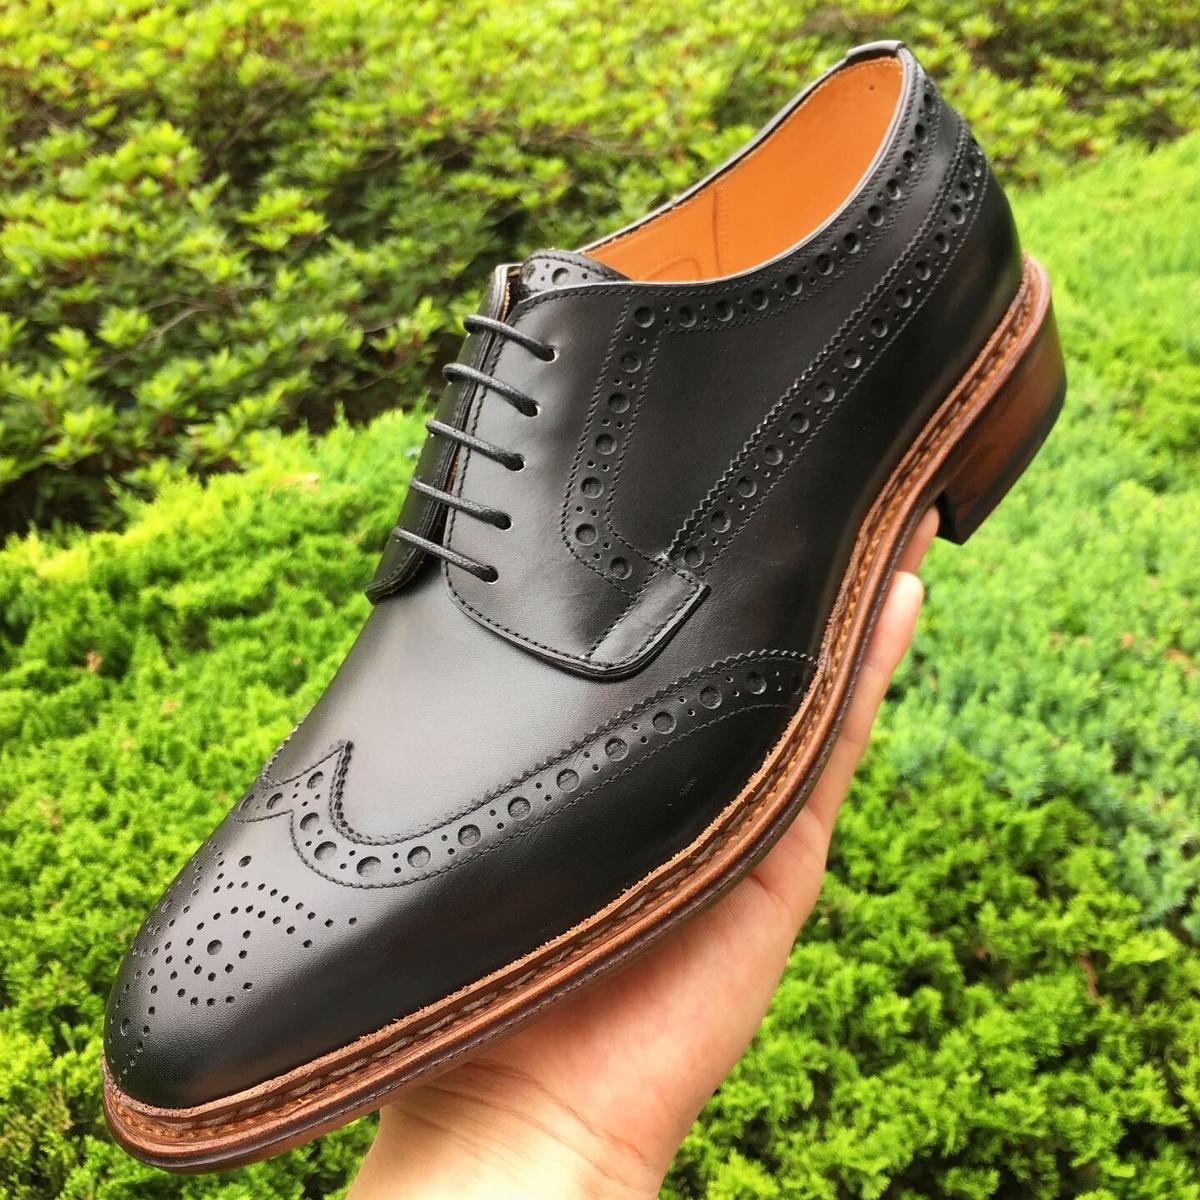 f:id:raymar-shoes:20190705003610j:plain